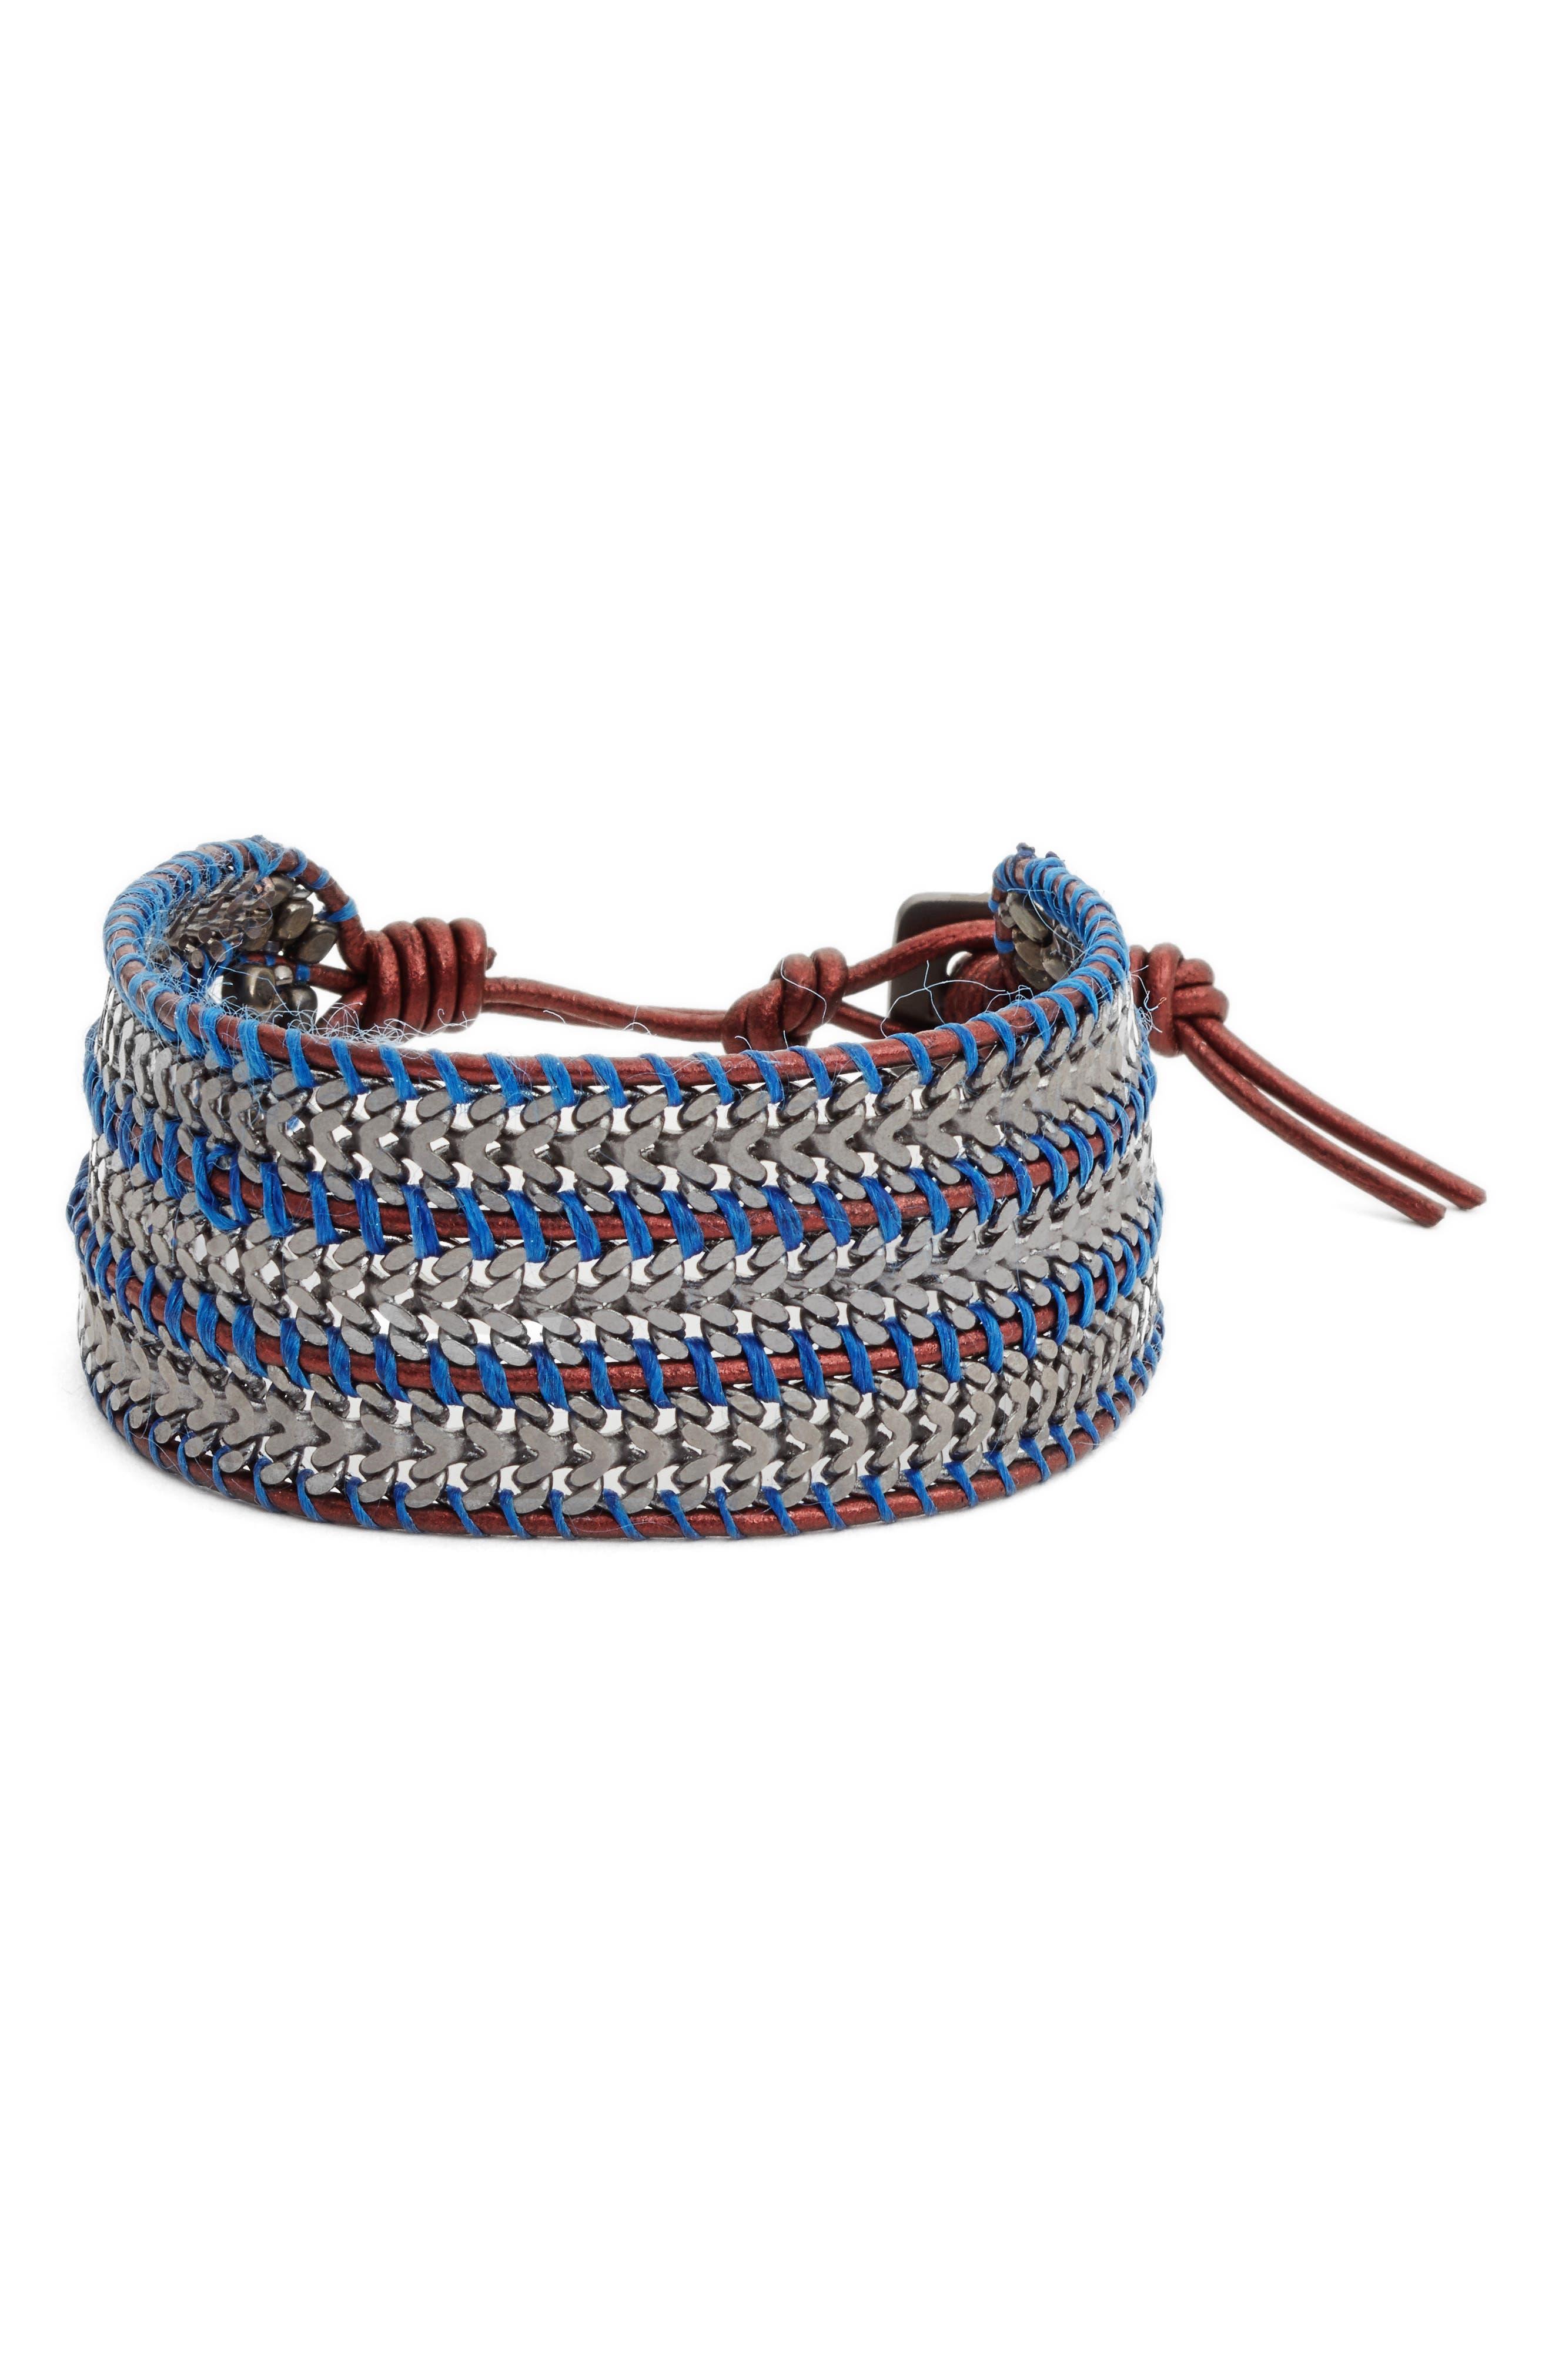 Main Image - Nakamol Design Trush Chain & Leather Bracelet